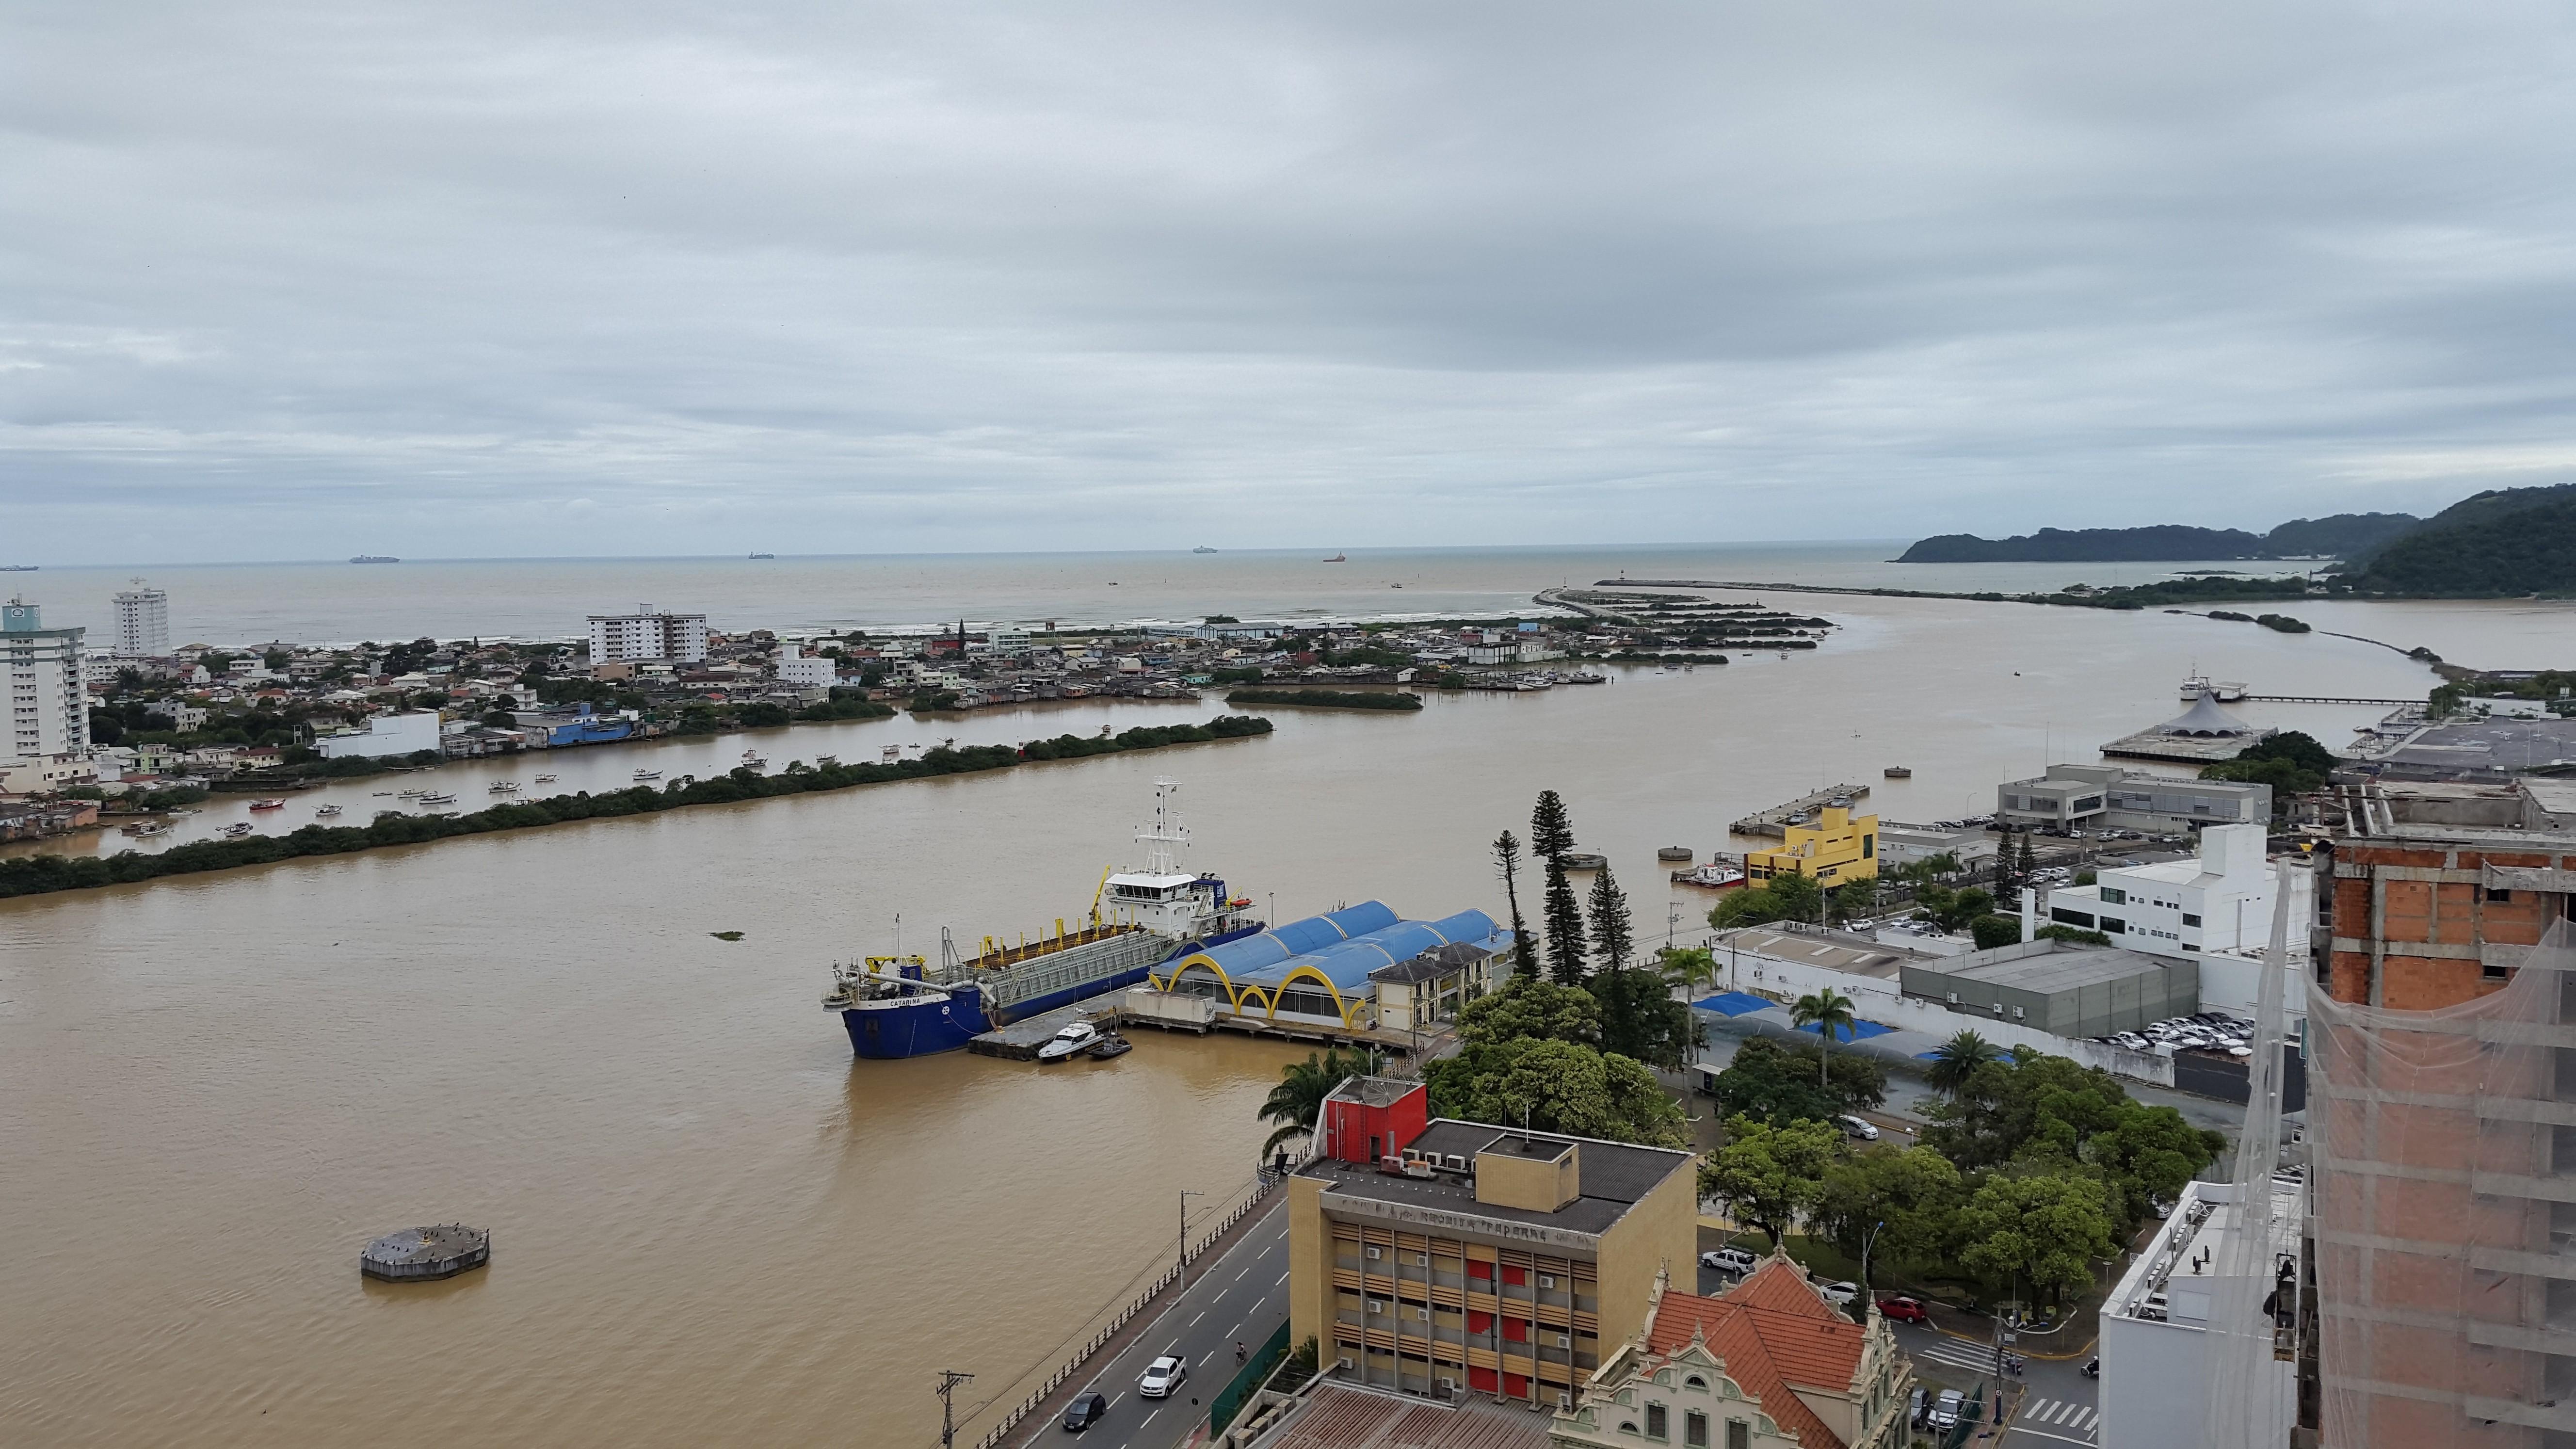 Canal de acesso aos portos de Itajaí e Navegantes é fechado devido a ondas de mais de 2 metros por ciclone no mar